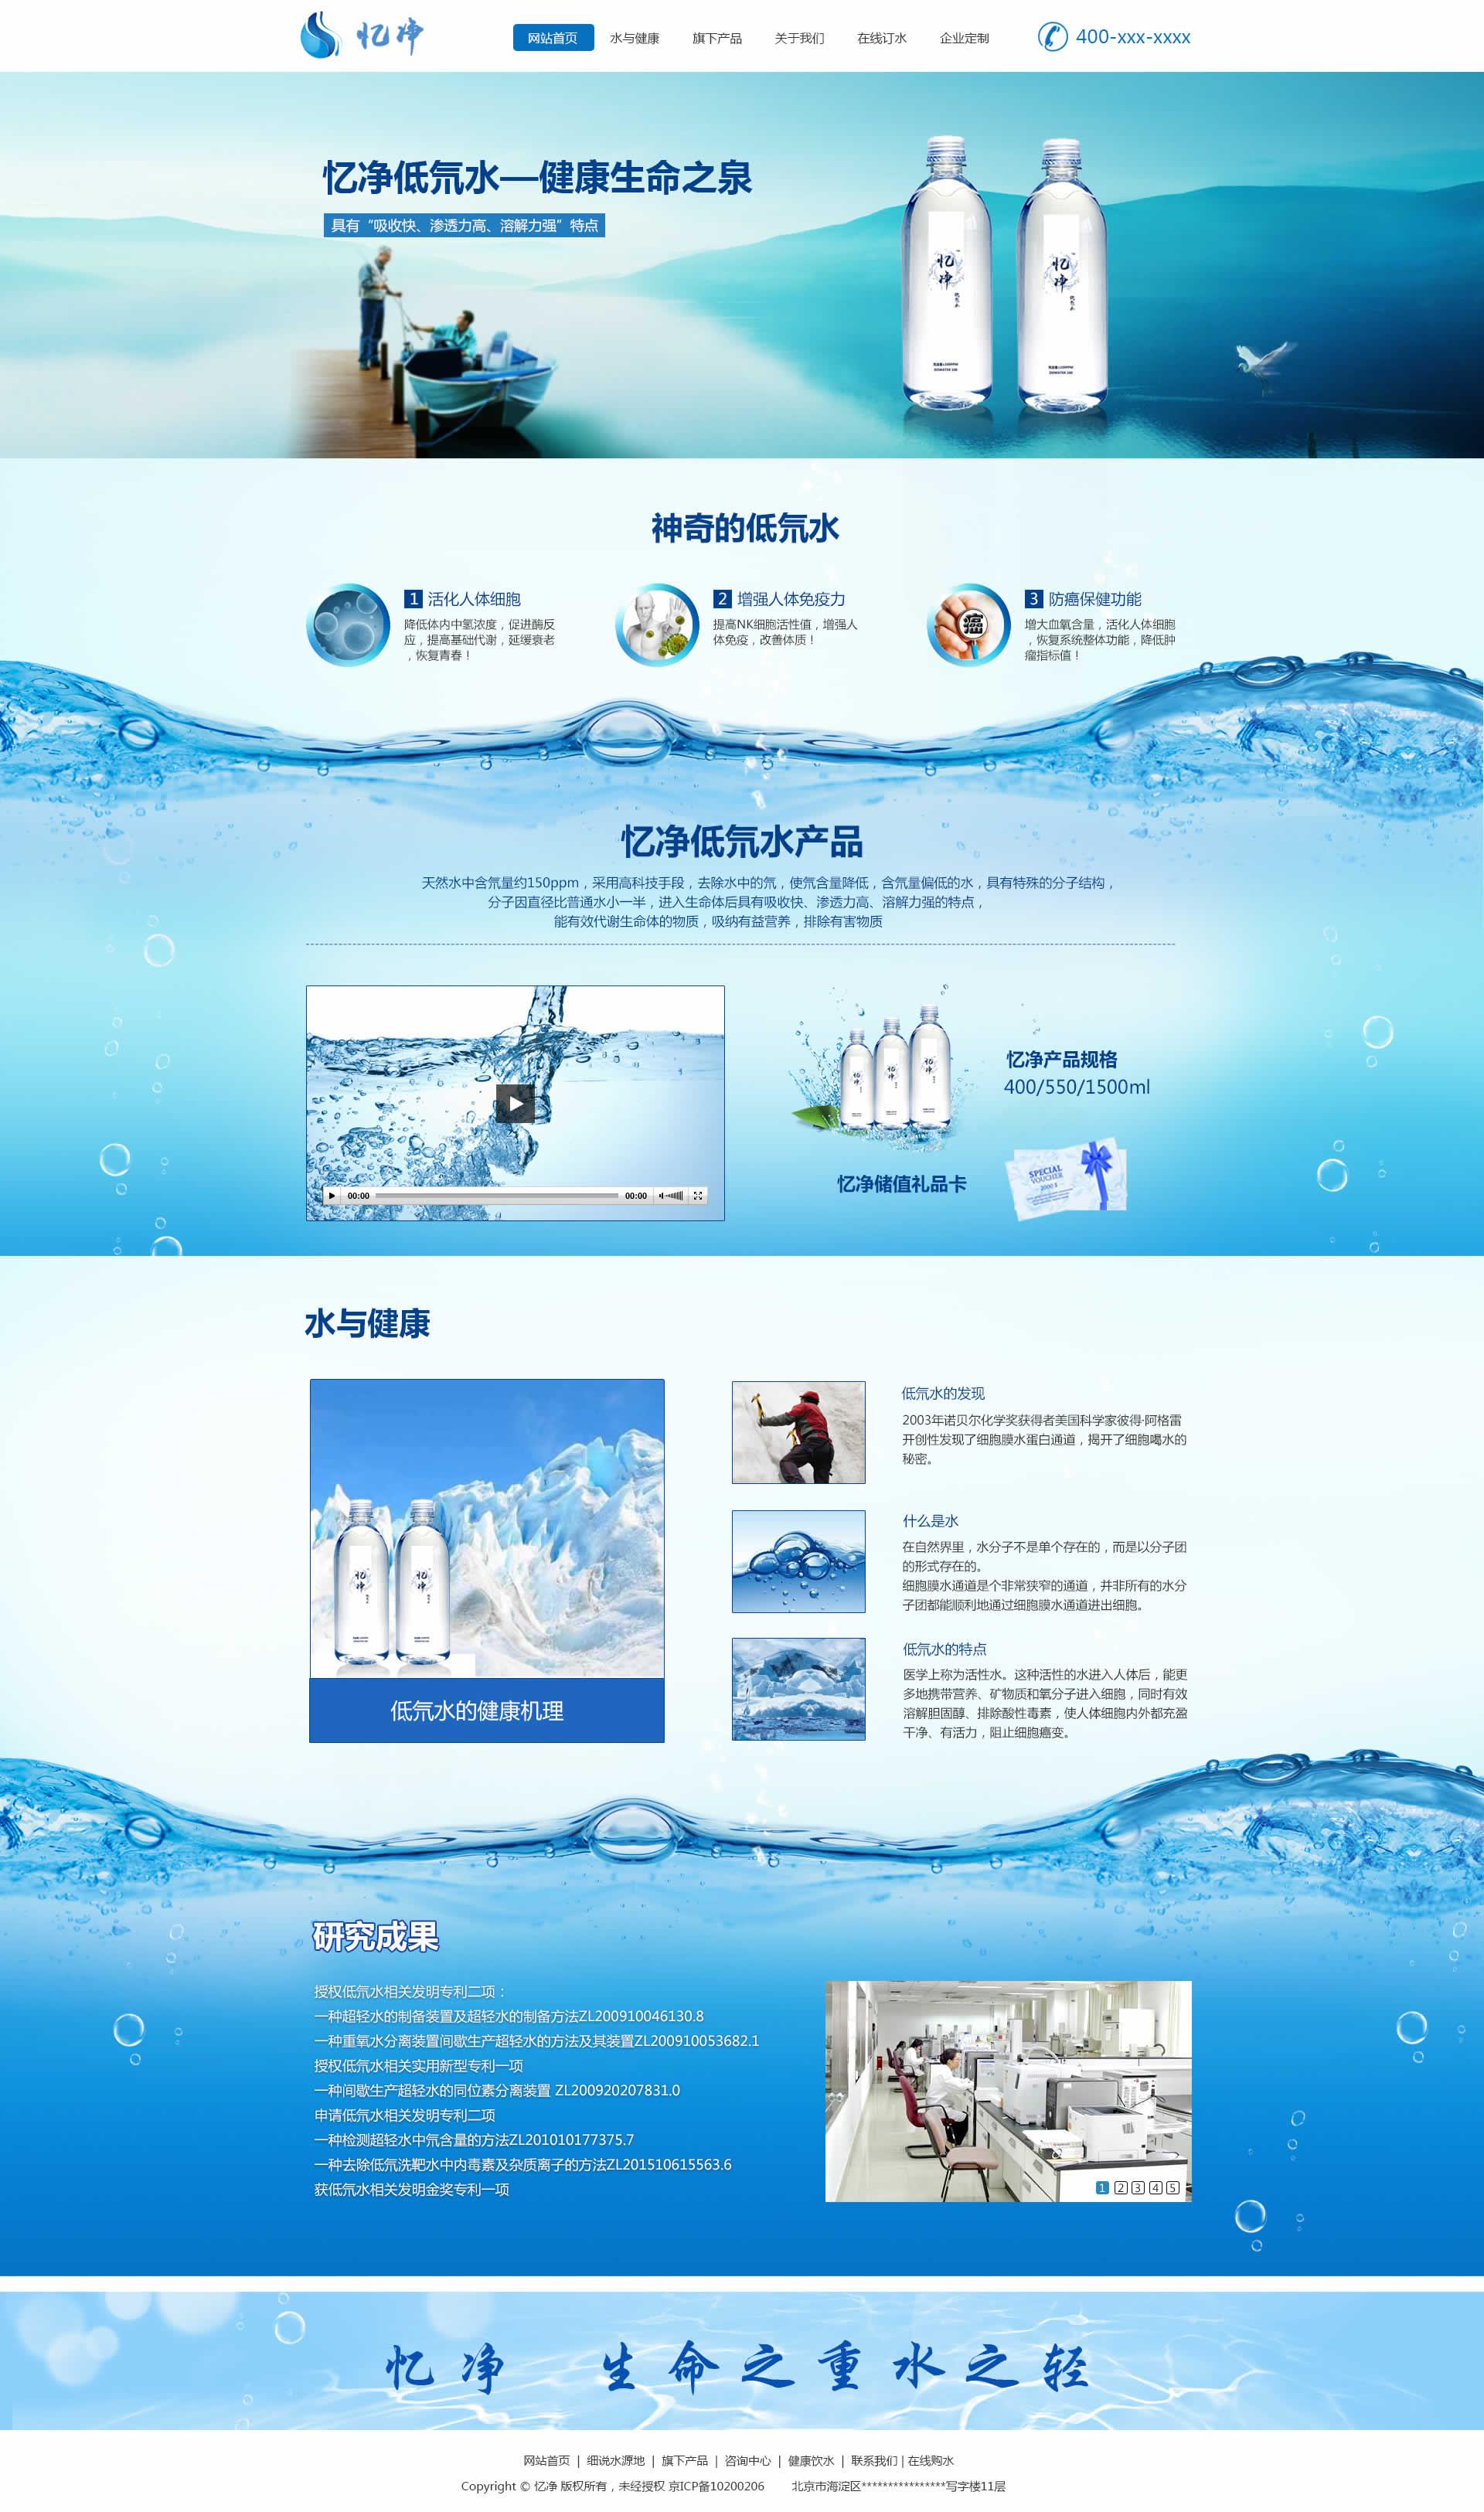 招商加盟网站UI设计